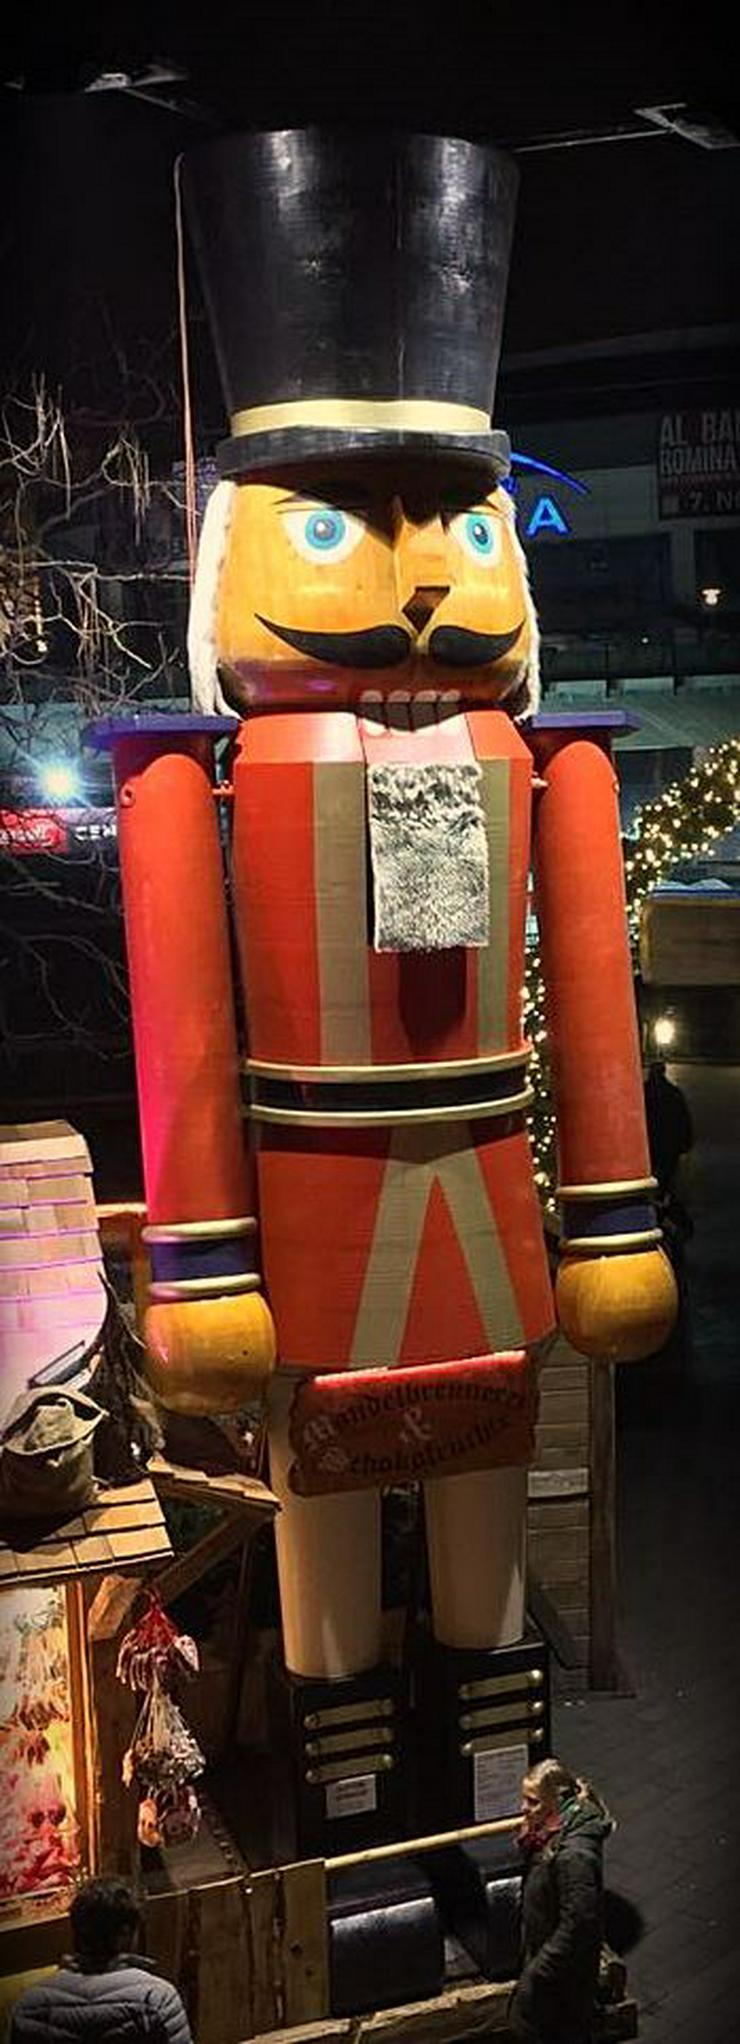 Riesen Nussknacker Figur grosse Holzfigur groß Nußknackerfigur Weihnachtsfeier - Weihnachtsmarkt - Firmenfeier - Theater - Kulisse Eventausstattung